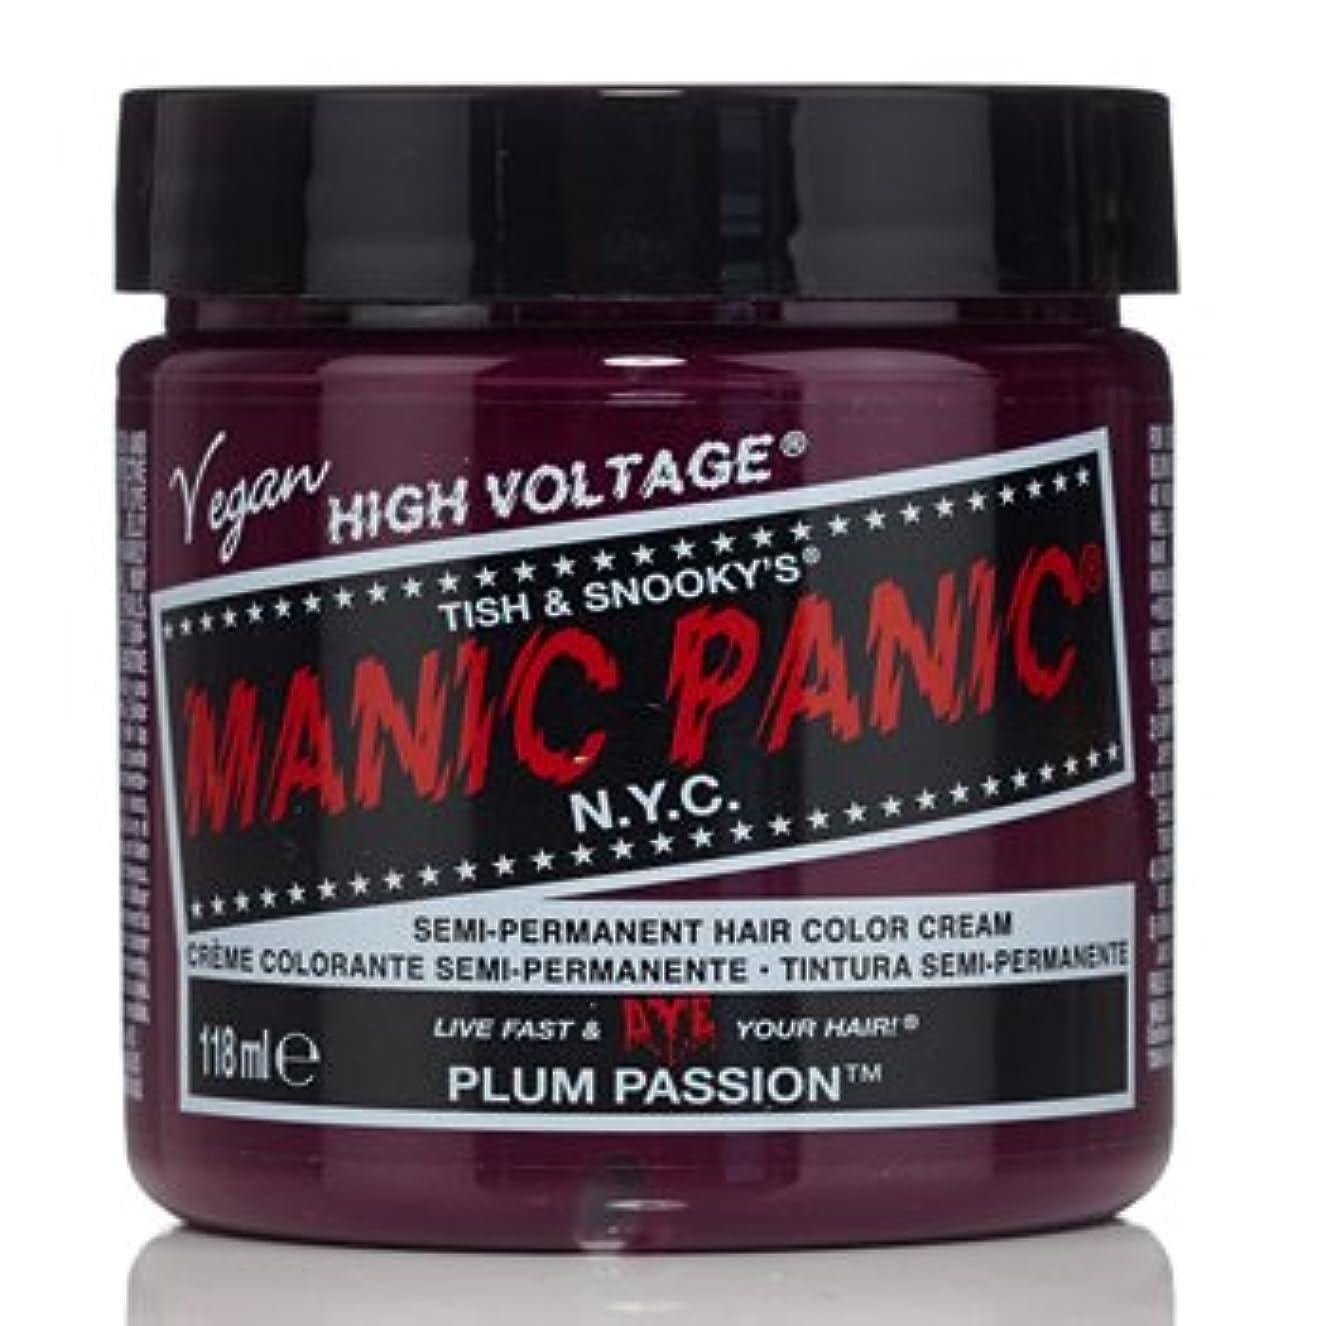 威する検証規範【3個セット】MANIC PANIC マニックパニック プラムパッション MC11021 118ml